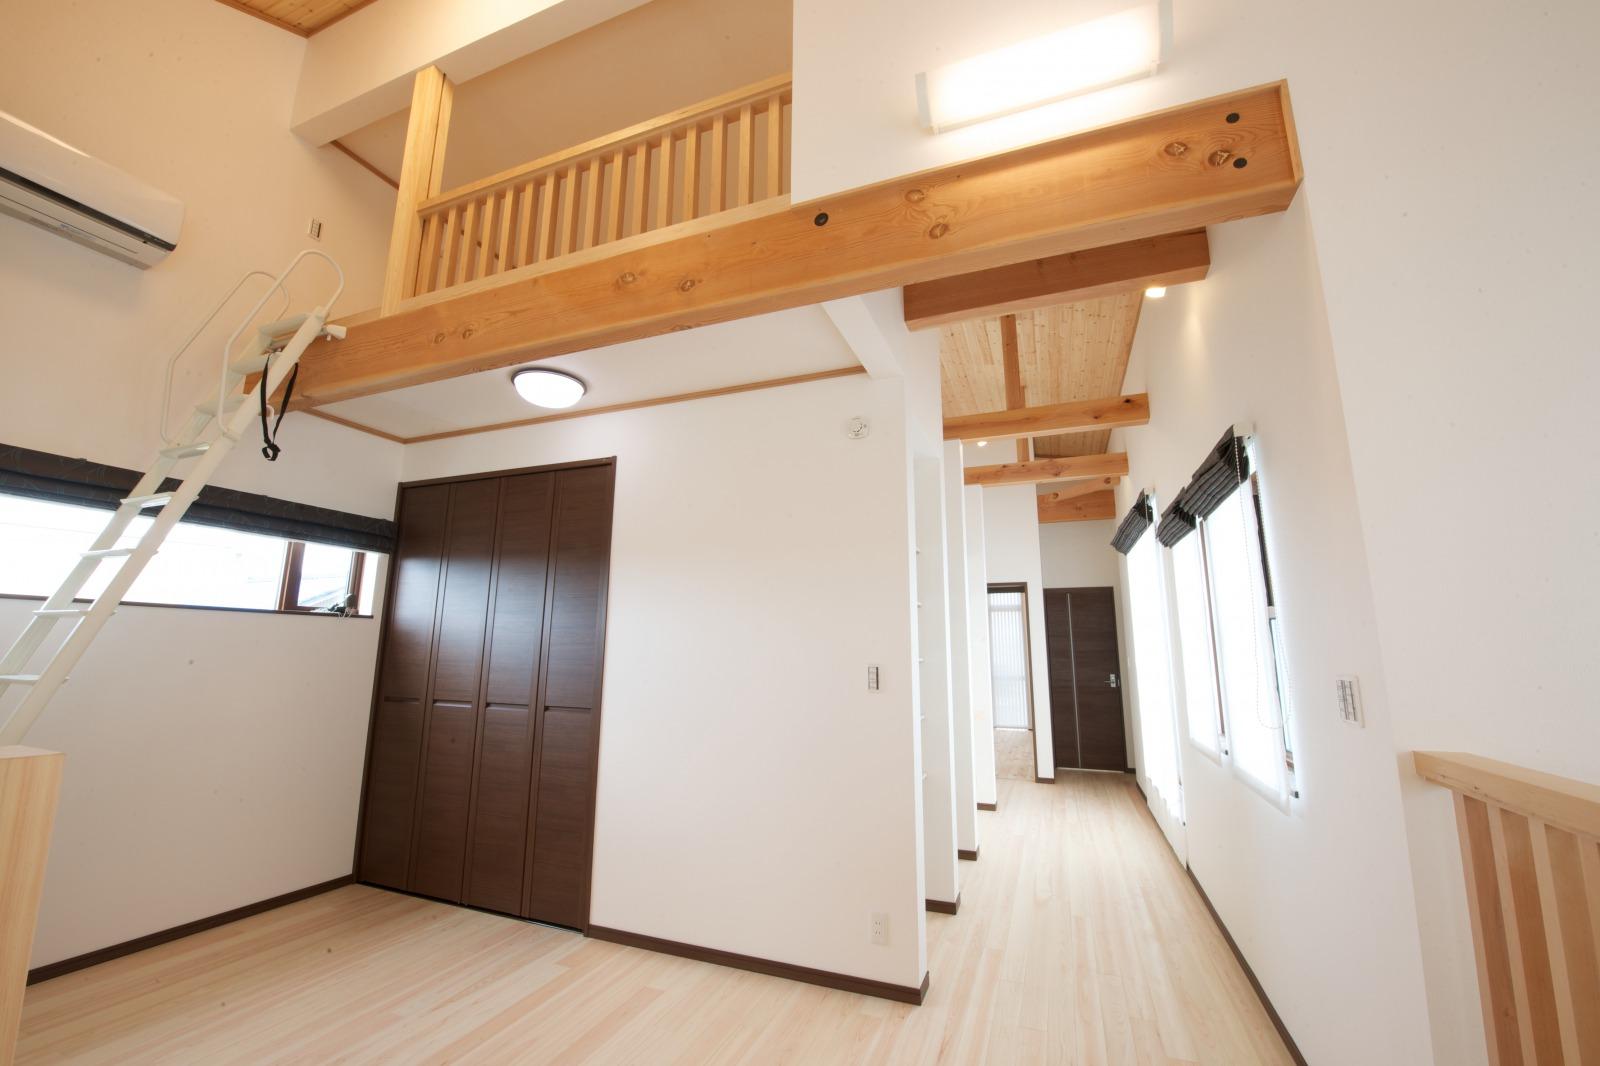 創住環【子育て、自然素材、間取り】ロフトを設けて収納スペースを確保。常に家の中がすっきりとした見た目に